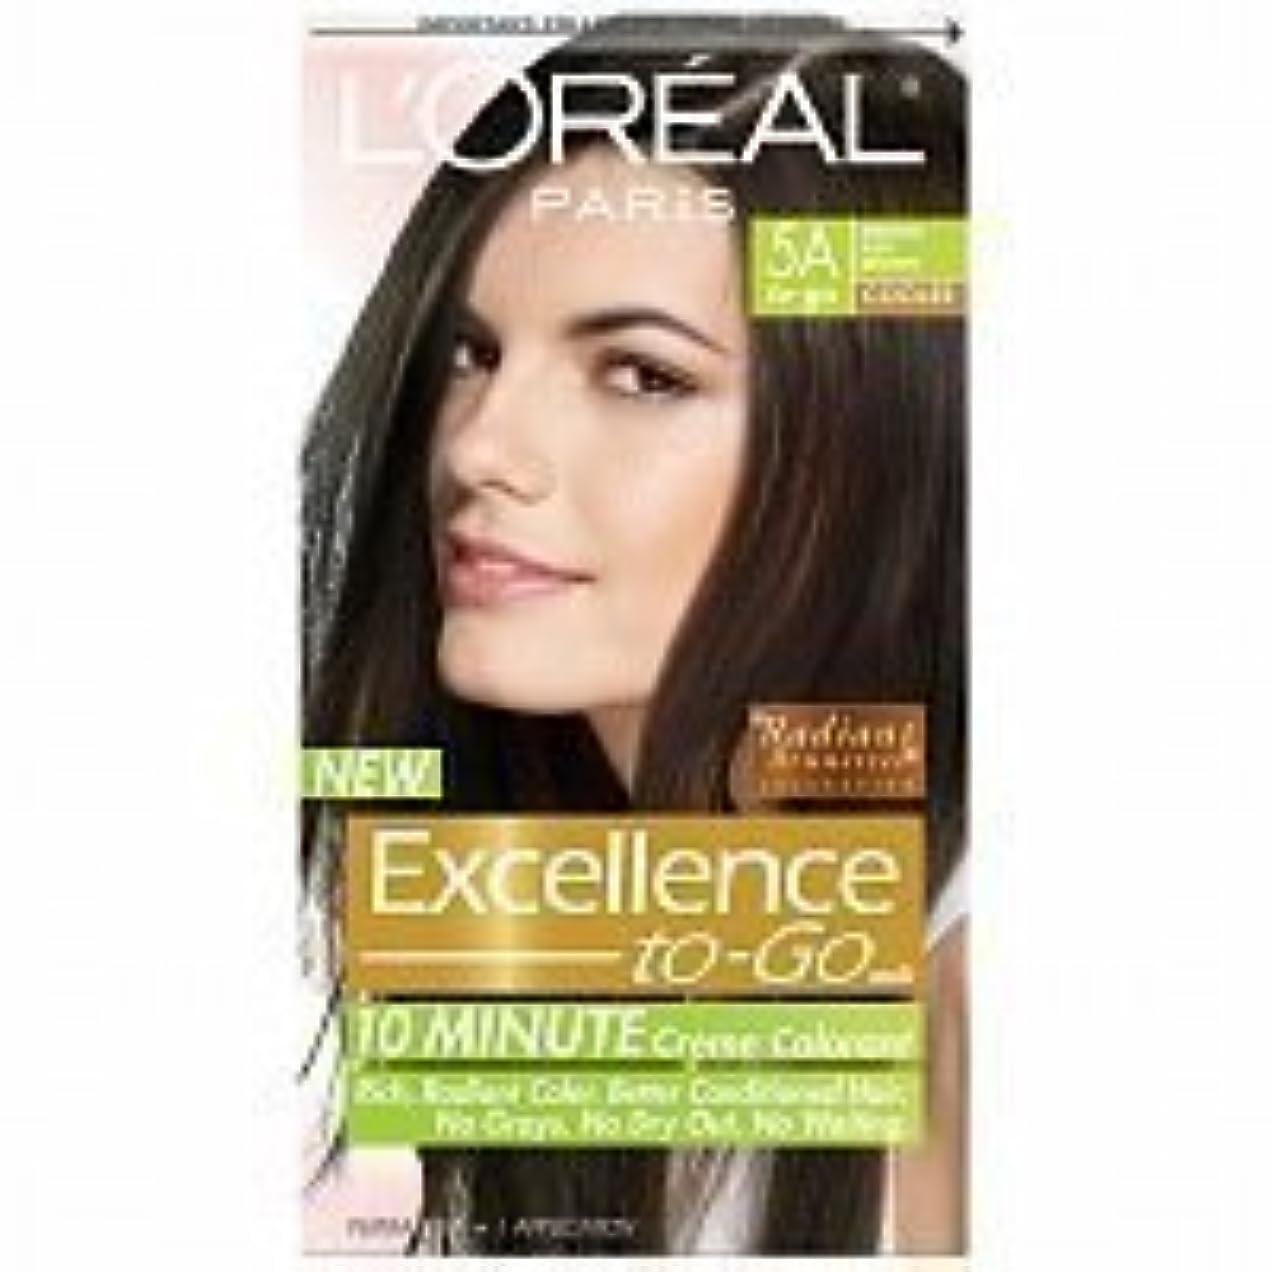 囲む絵率直なL'Oreal Paris Excellence To-Go 10-Minute Cr?N?Nme Coloring, Medium Ash Brown 5A by L'Oreal Paris Hair Color [並行輸入品]